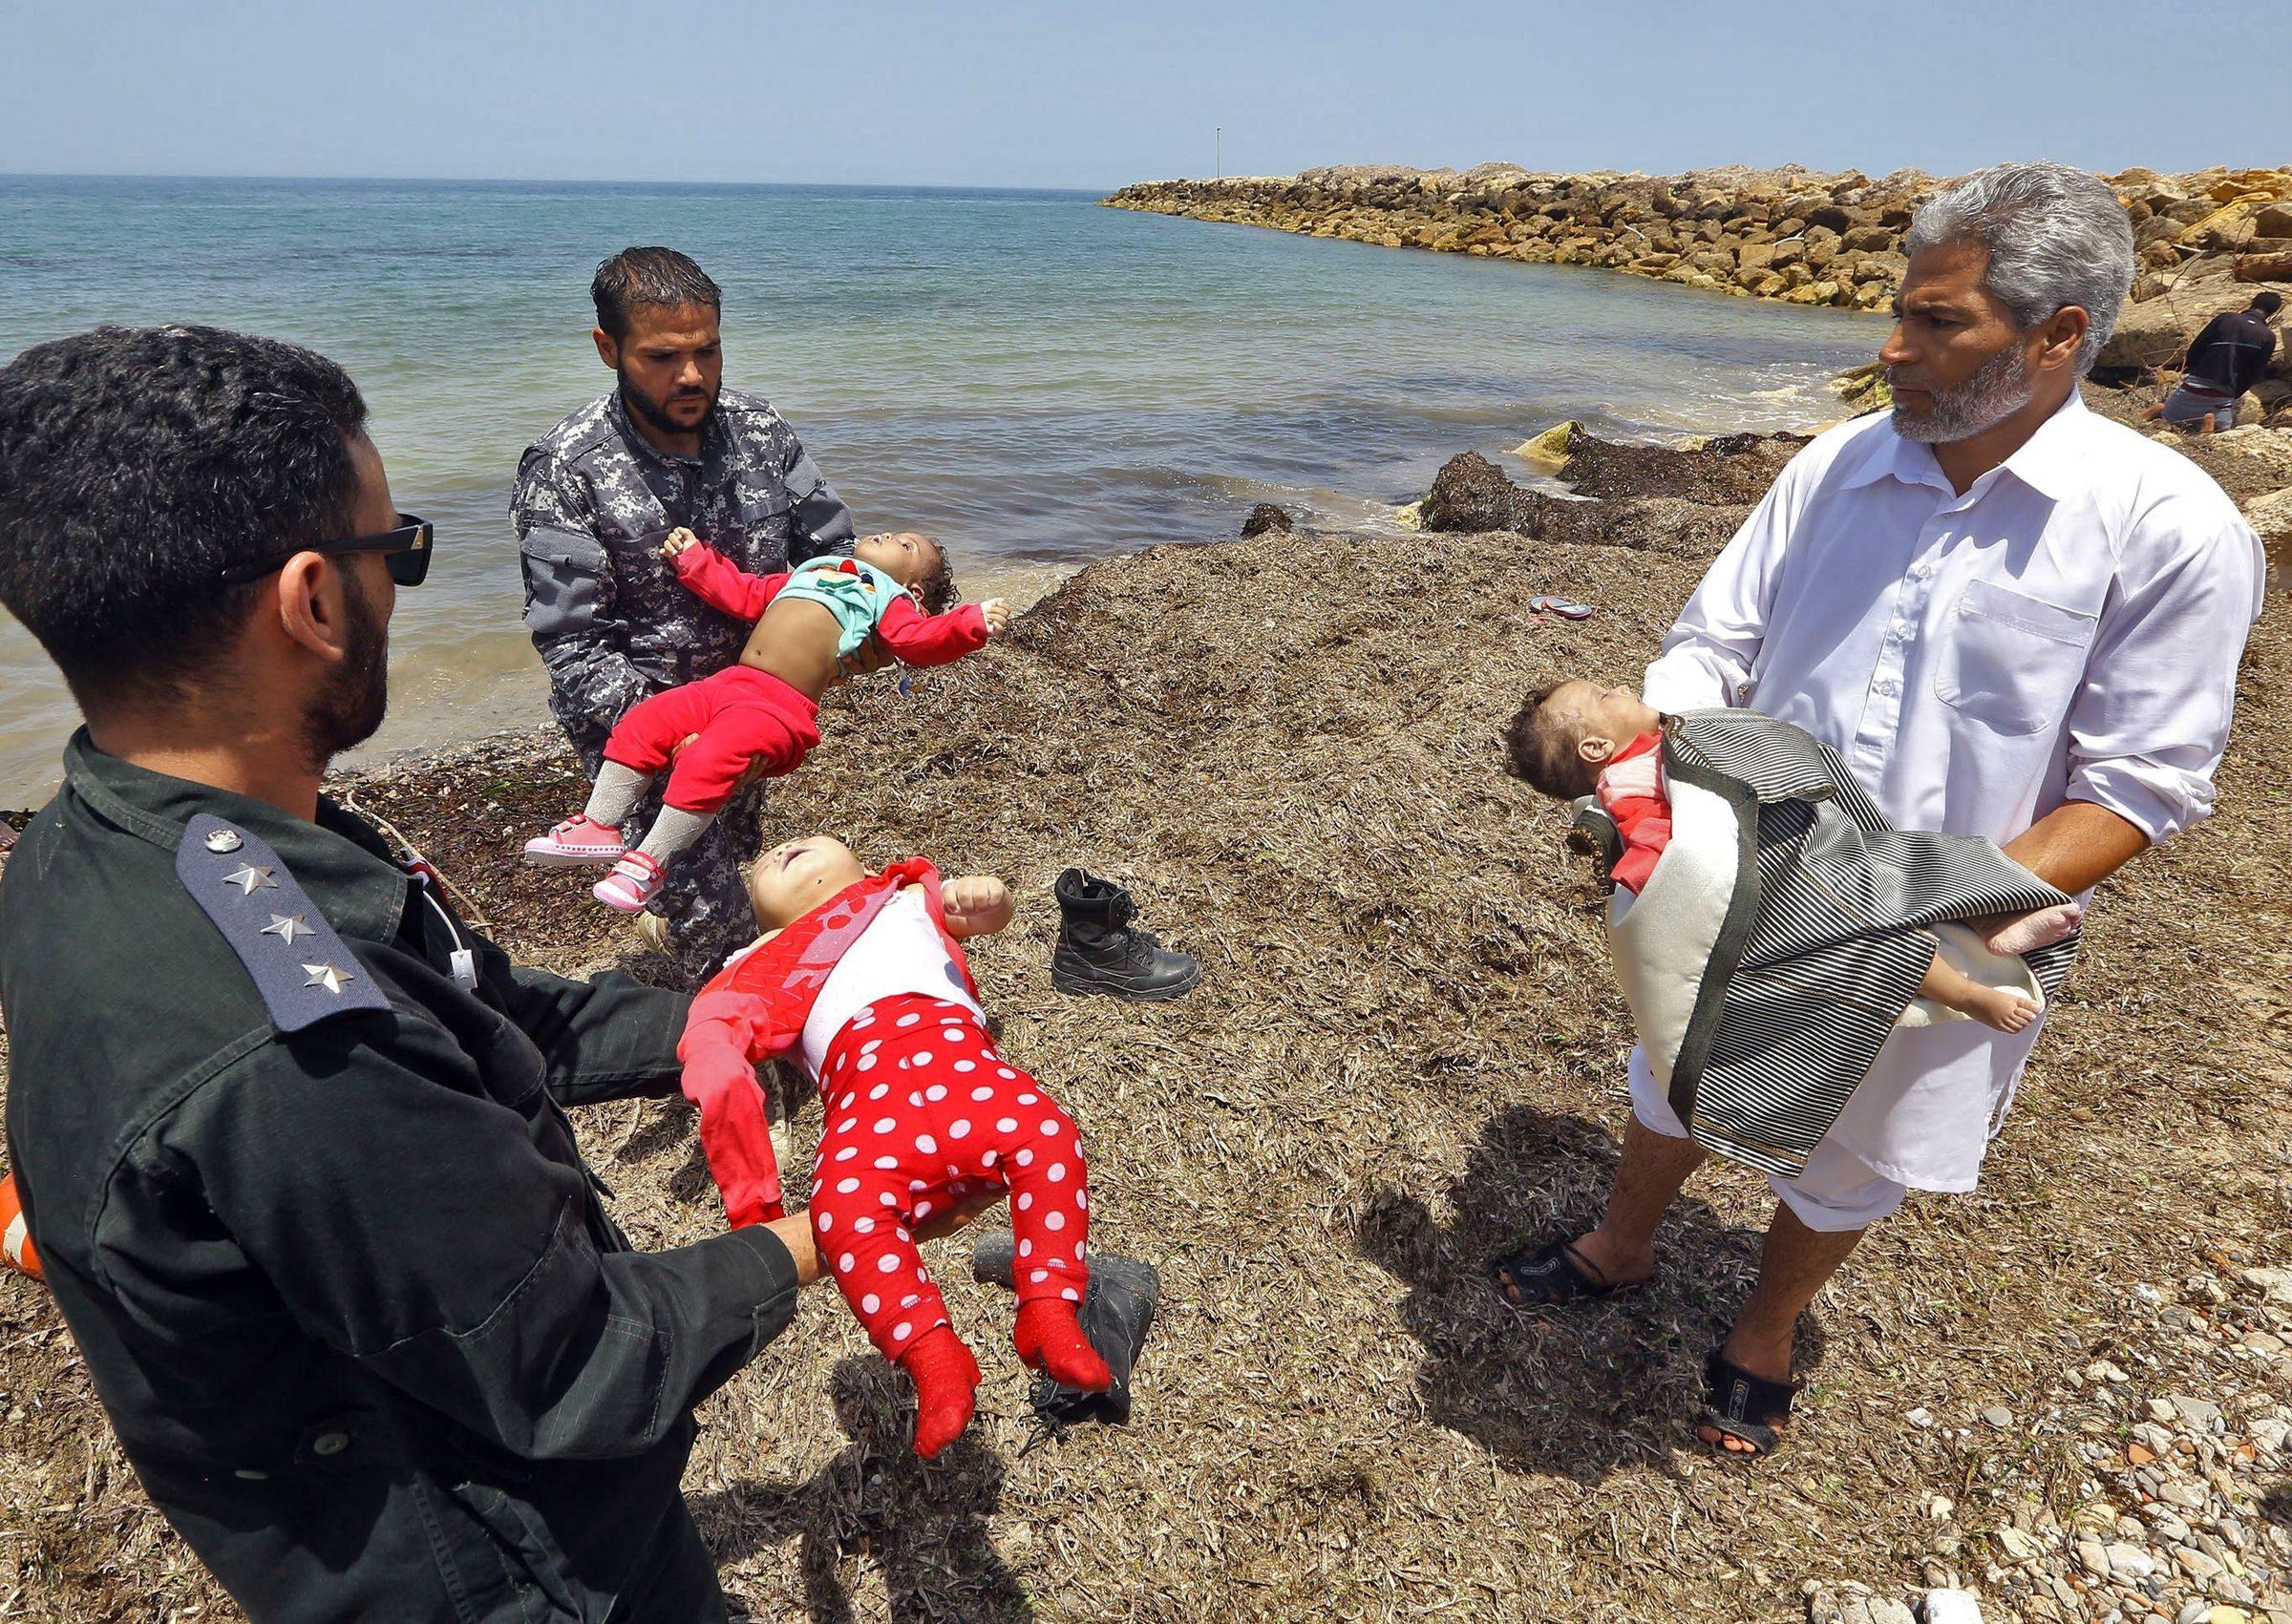 I bambini morti nel naufragio in libia? bambolotti una messinscena